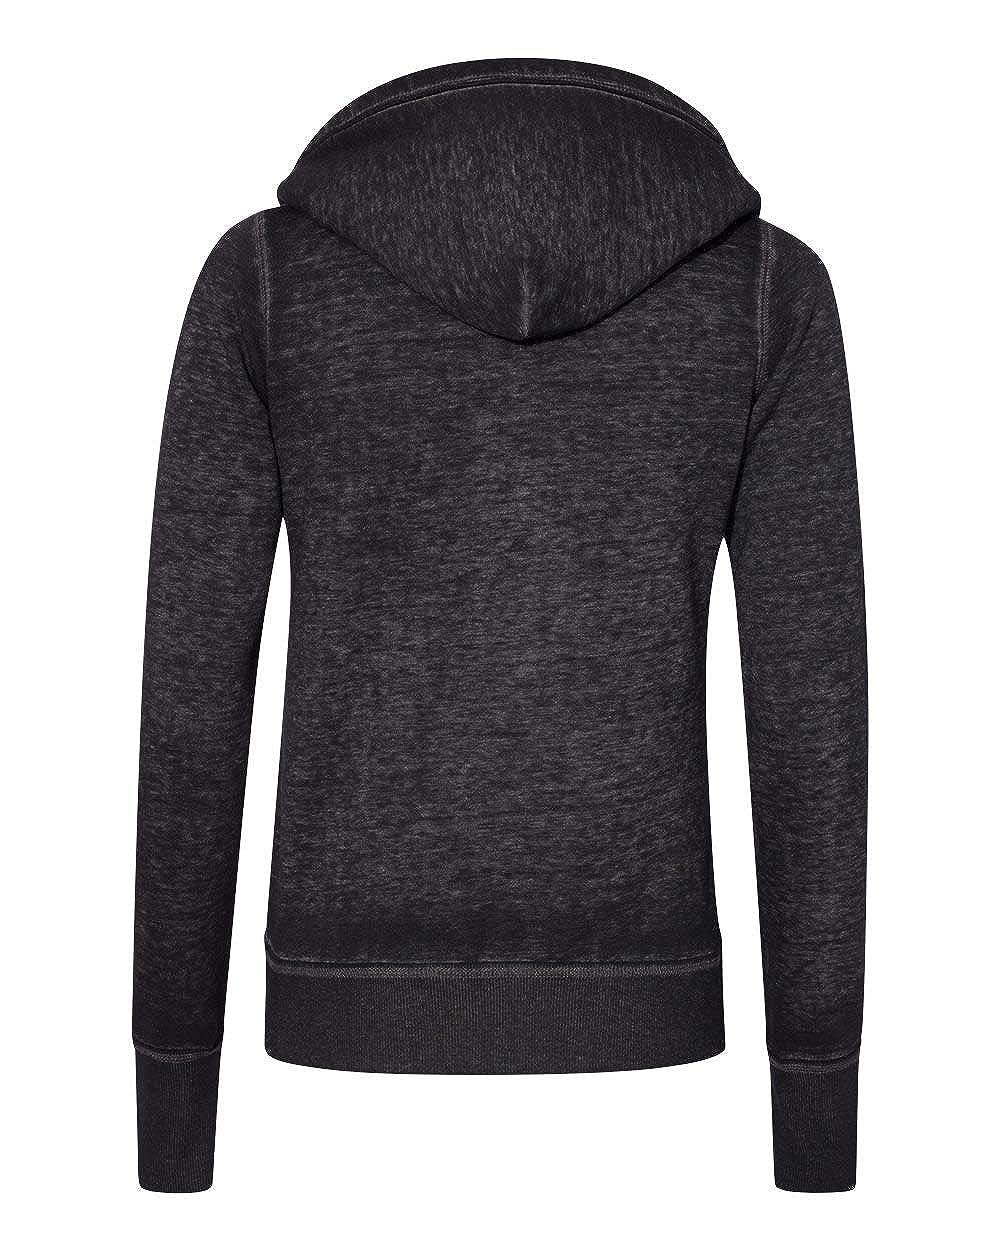 Ladies ZEN Full Zip Hooded Sweatshirt